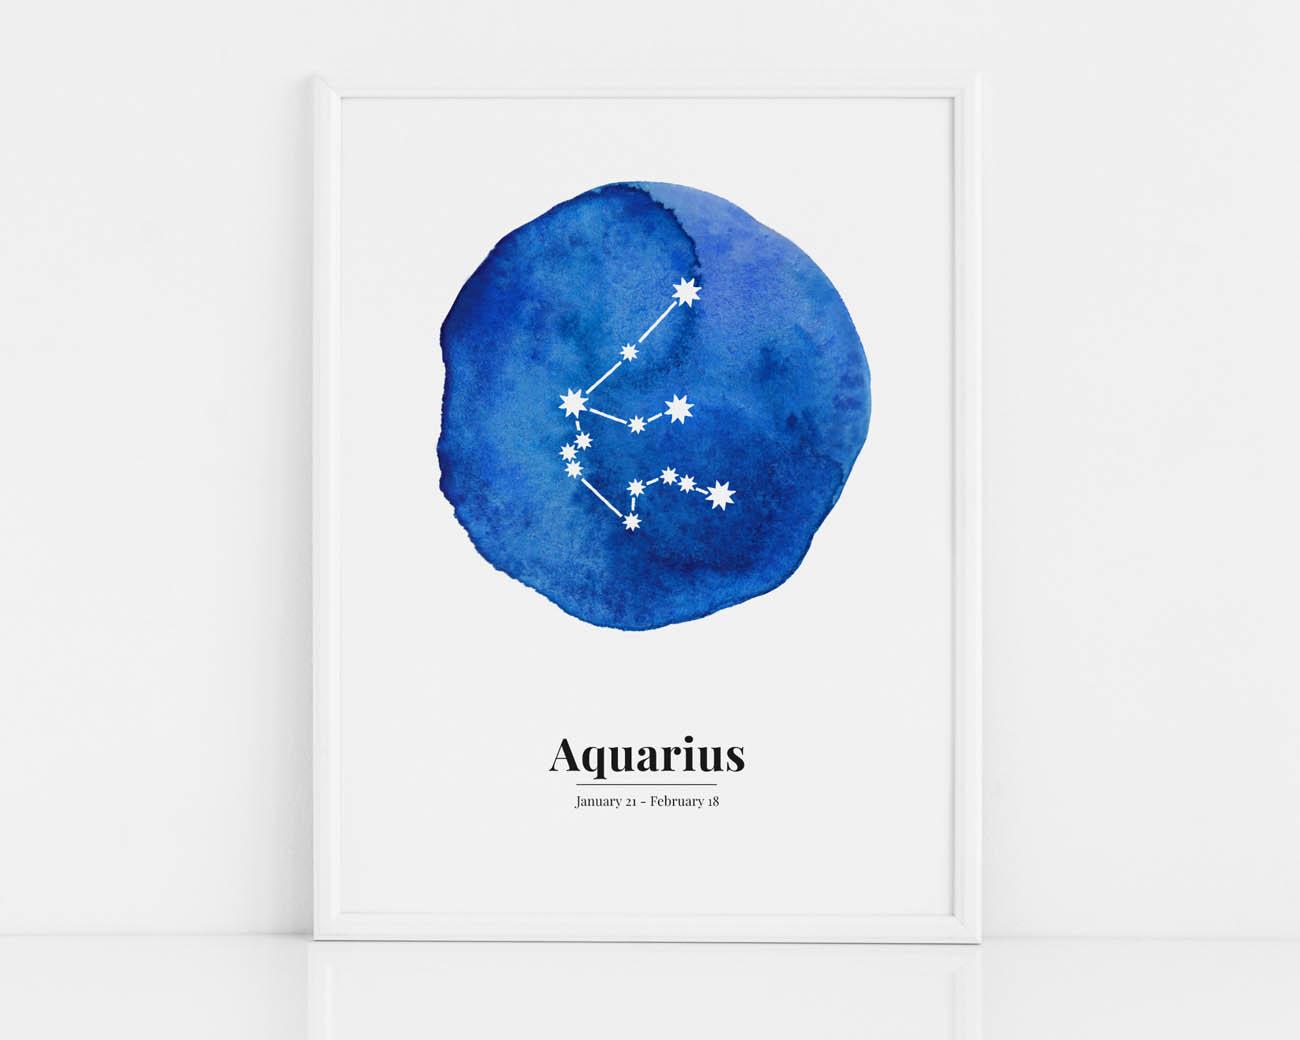 Biało-niebieski plakat ze znakiem zodiaku WODNIK / AQUARIUS